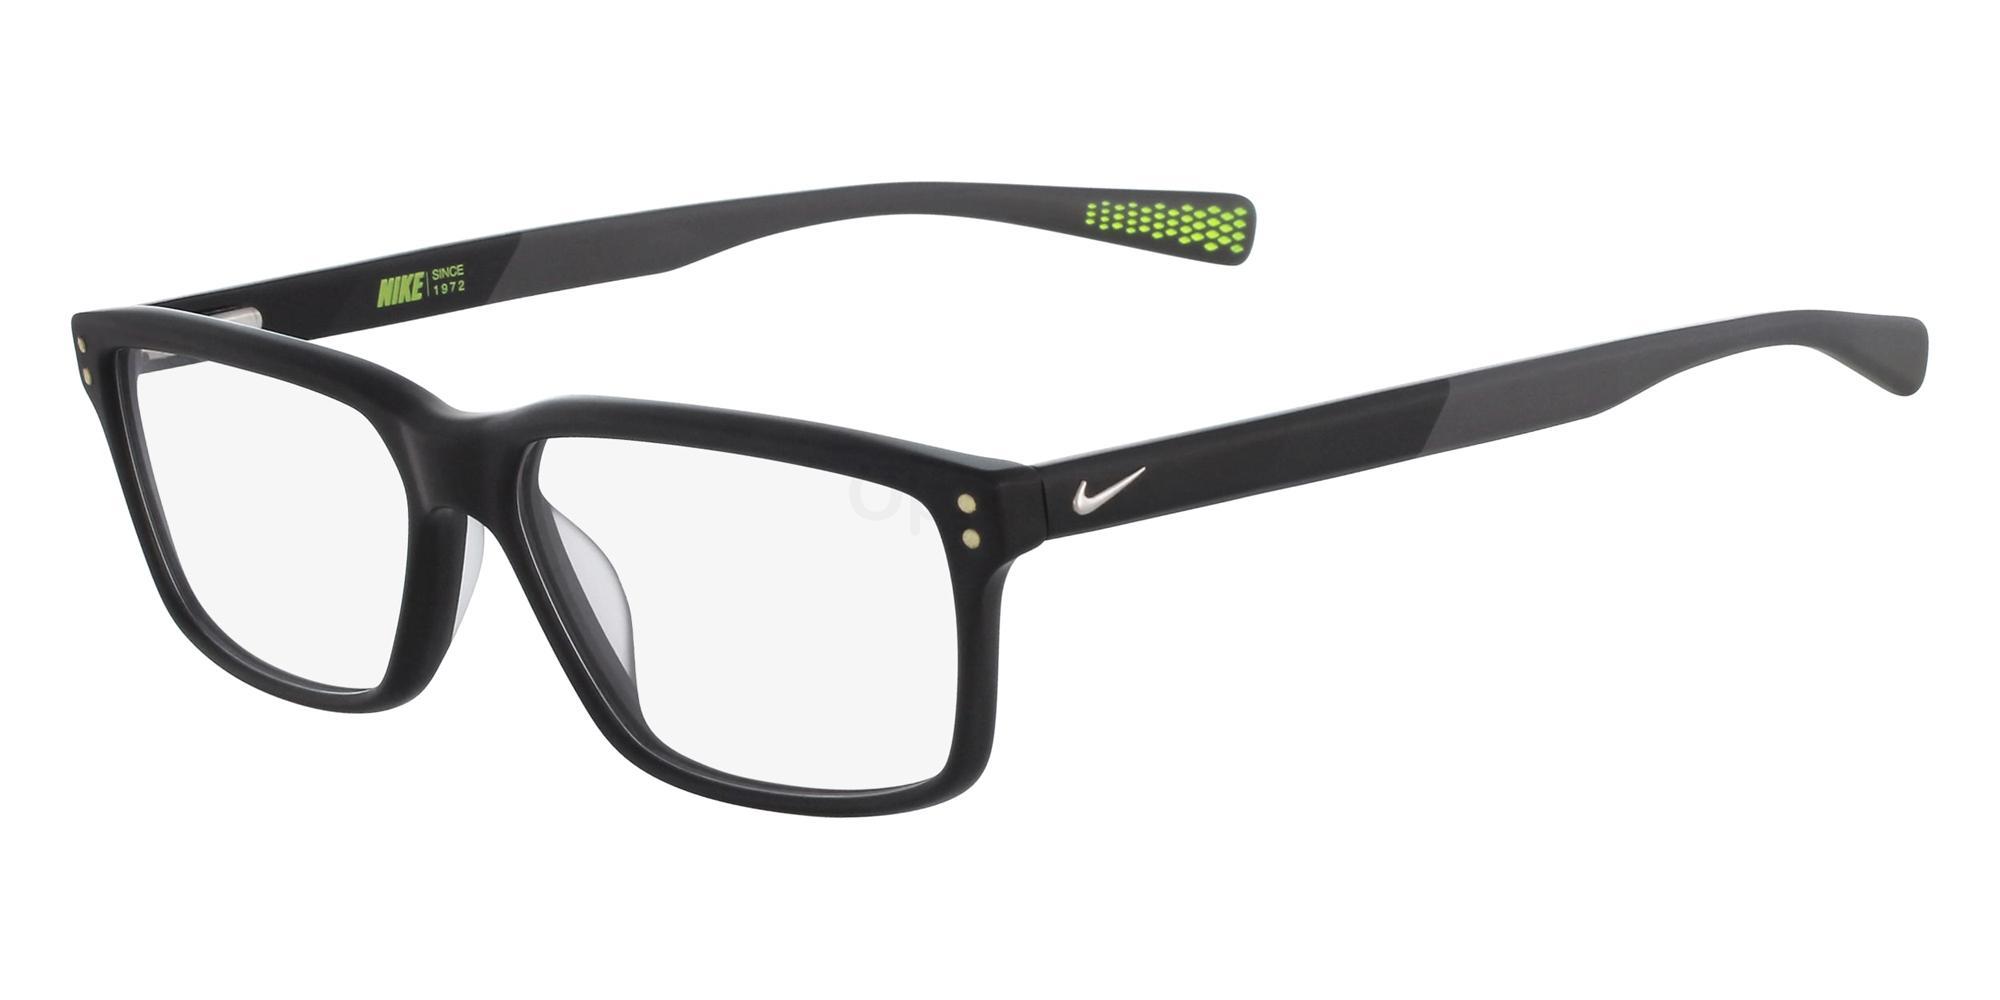 001 NIKE 7239 , Nike